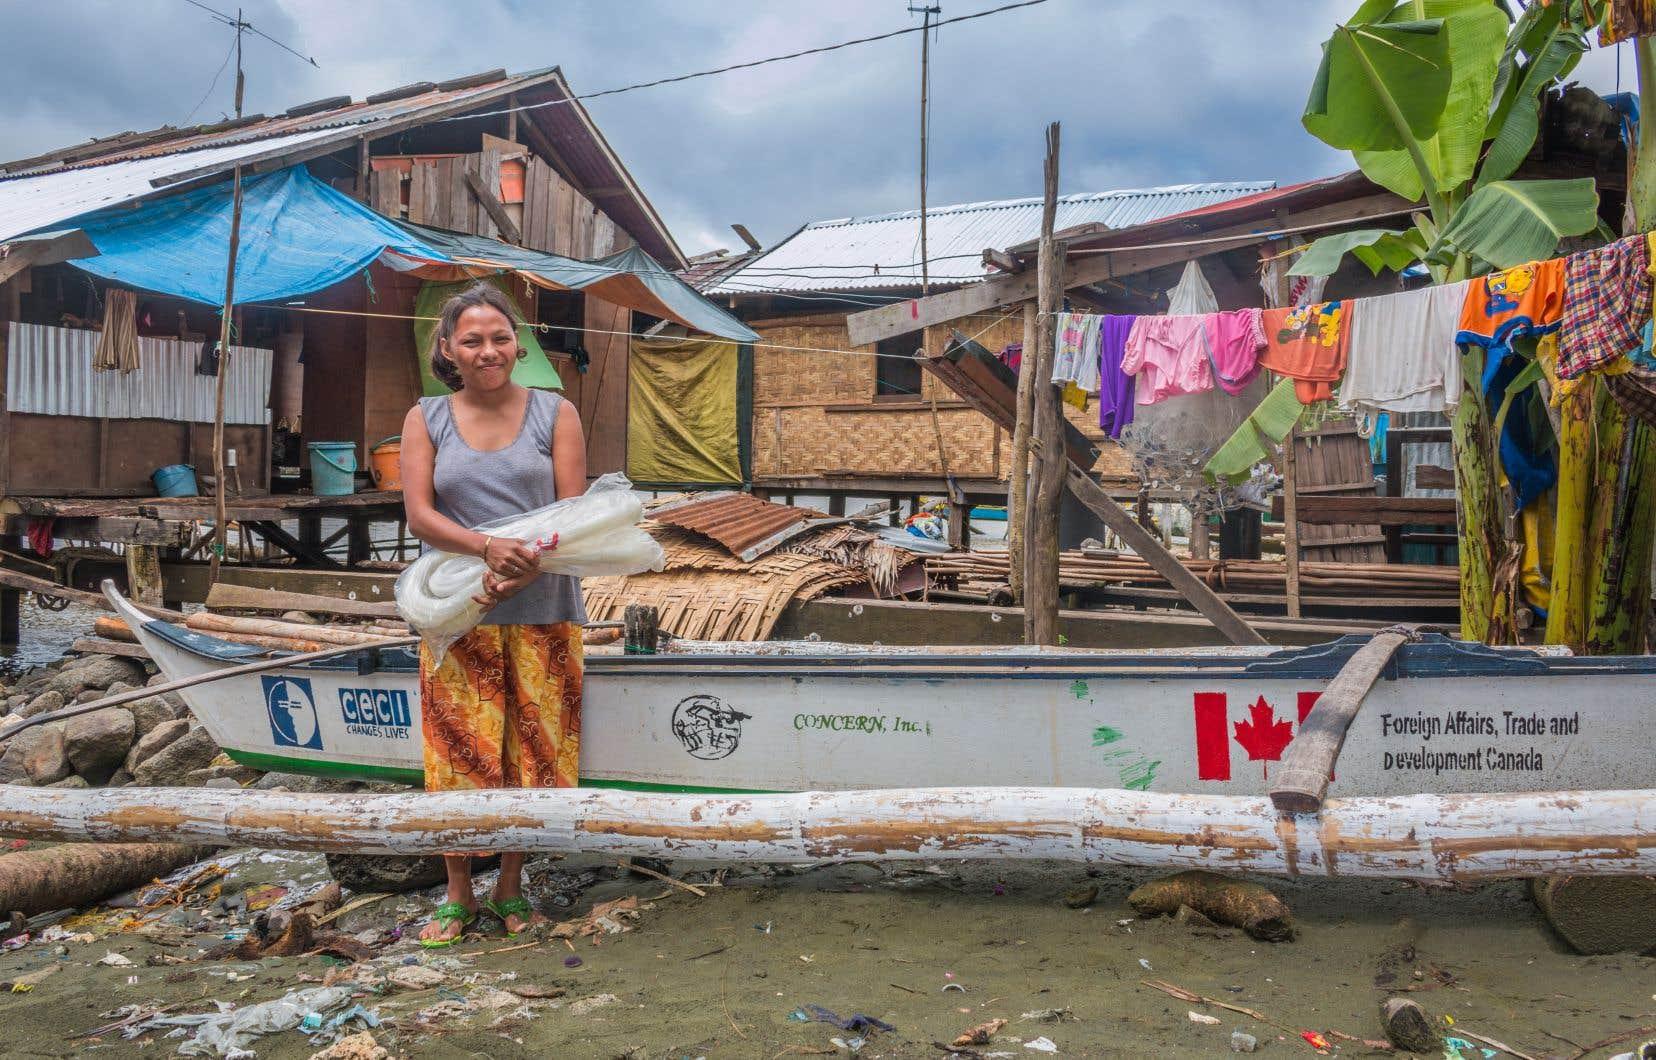 En 2013, le typhon Haiyan a coûté la vie à des 7000 personnes aux Philippes, où le désastre a aussi affecté le quotidien de 9,5 millions de personnes.